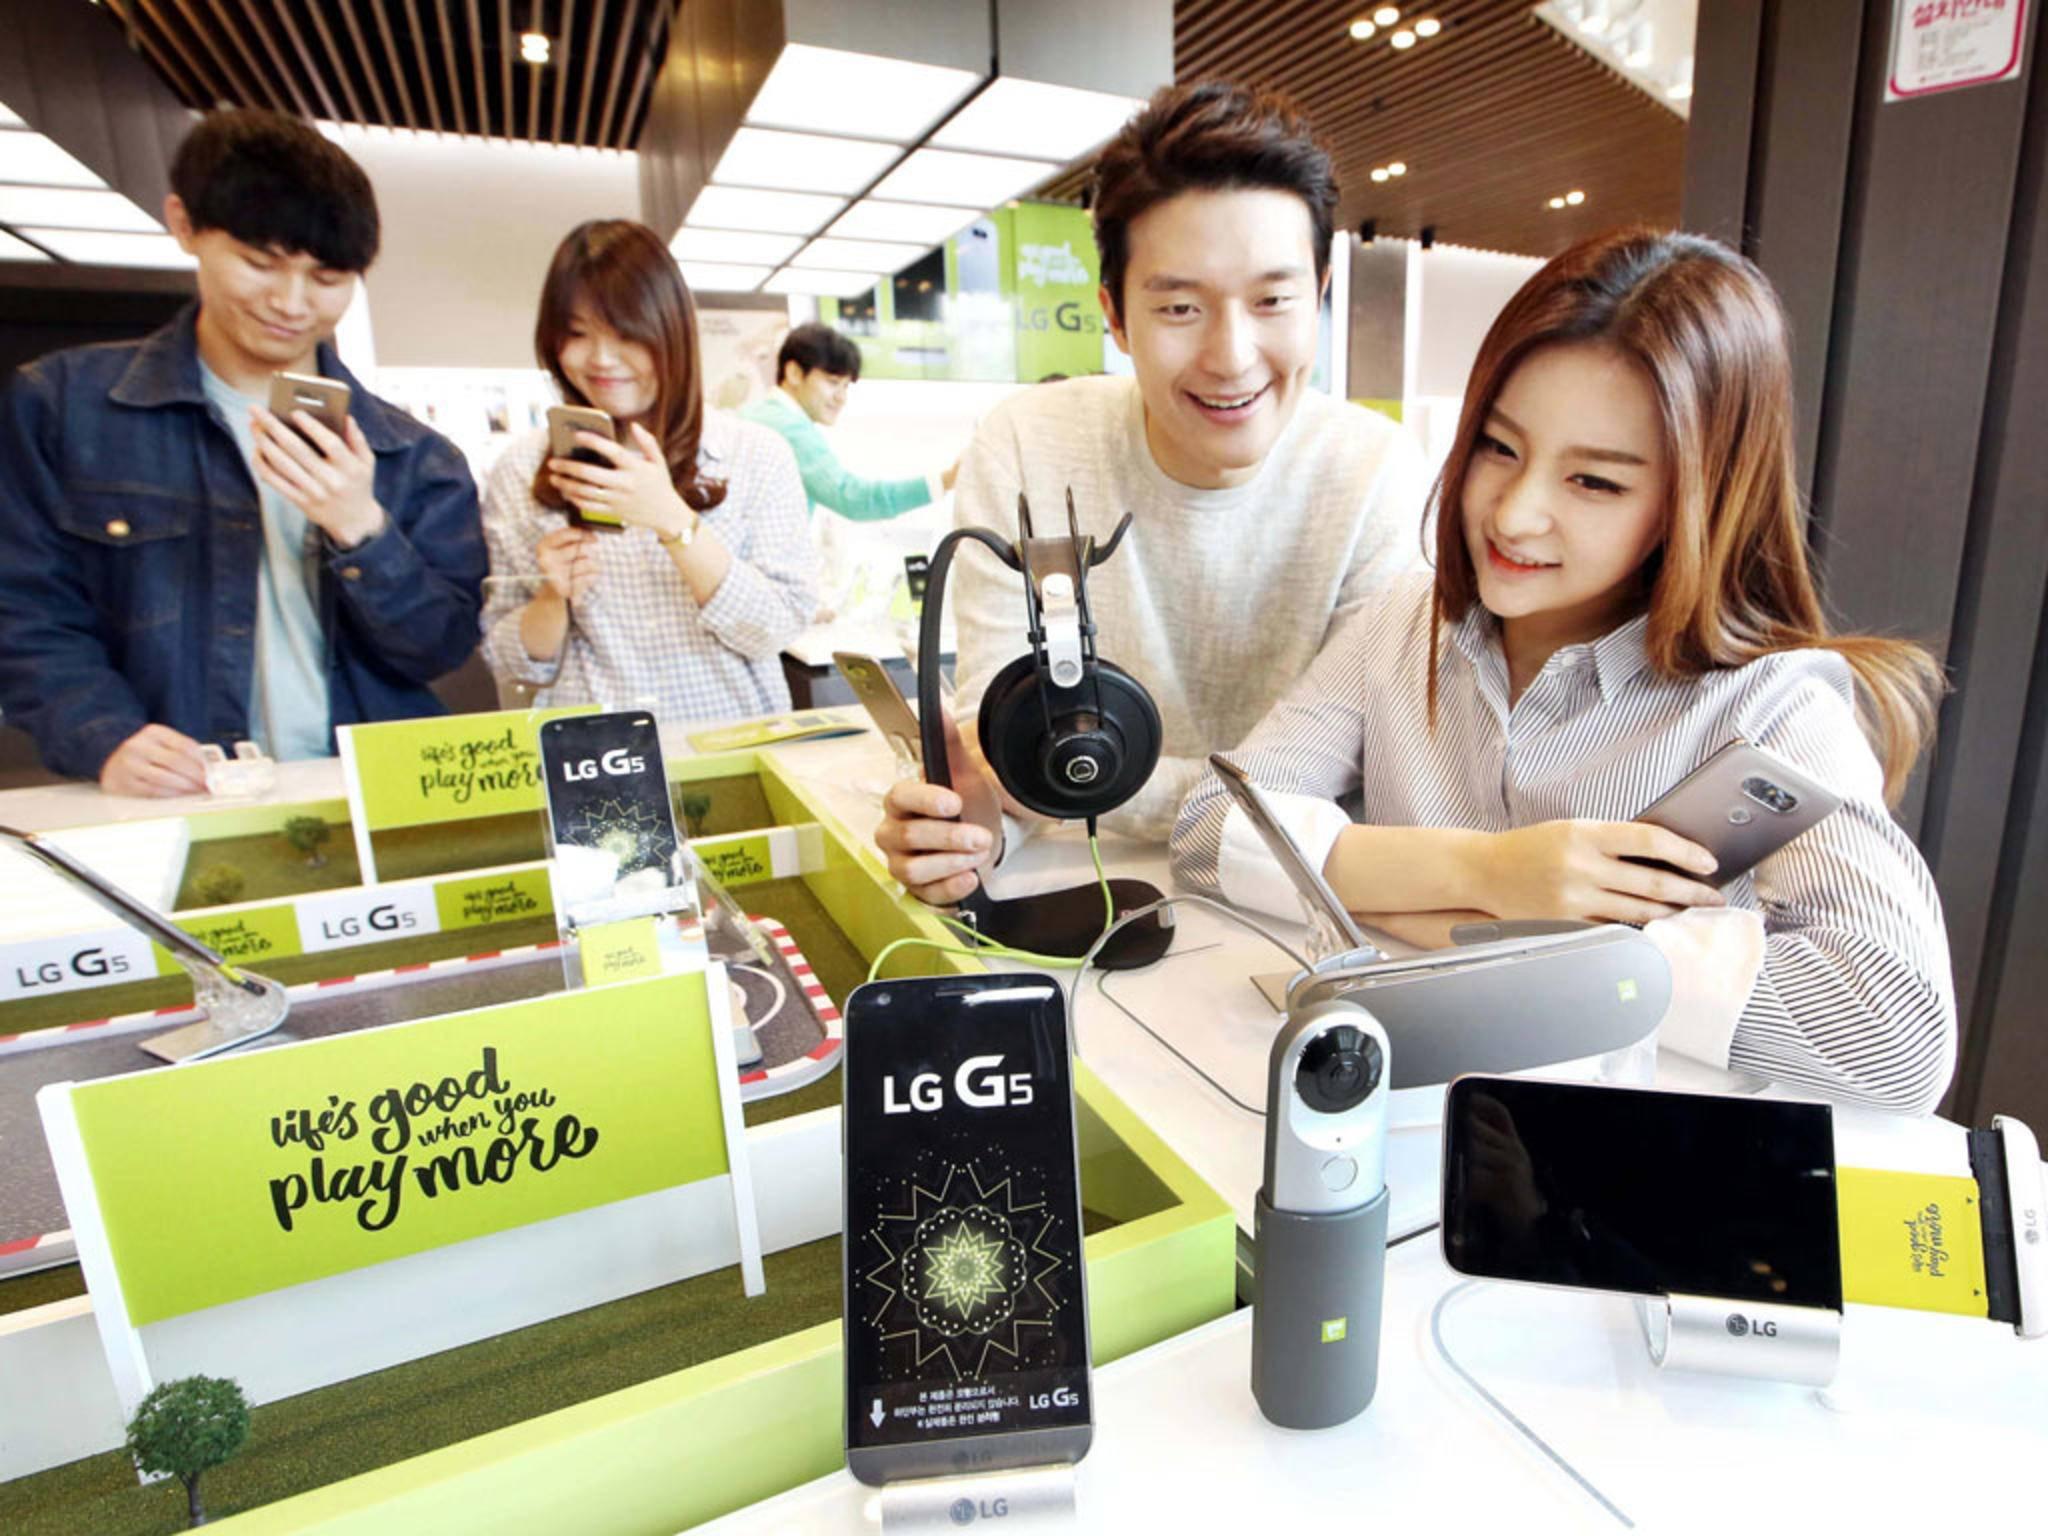 Das LG G5 bekommt vermutlich eine SE-Variante.